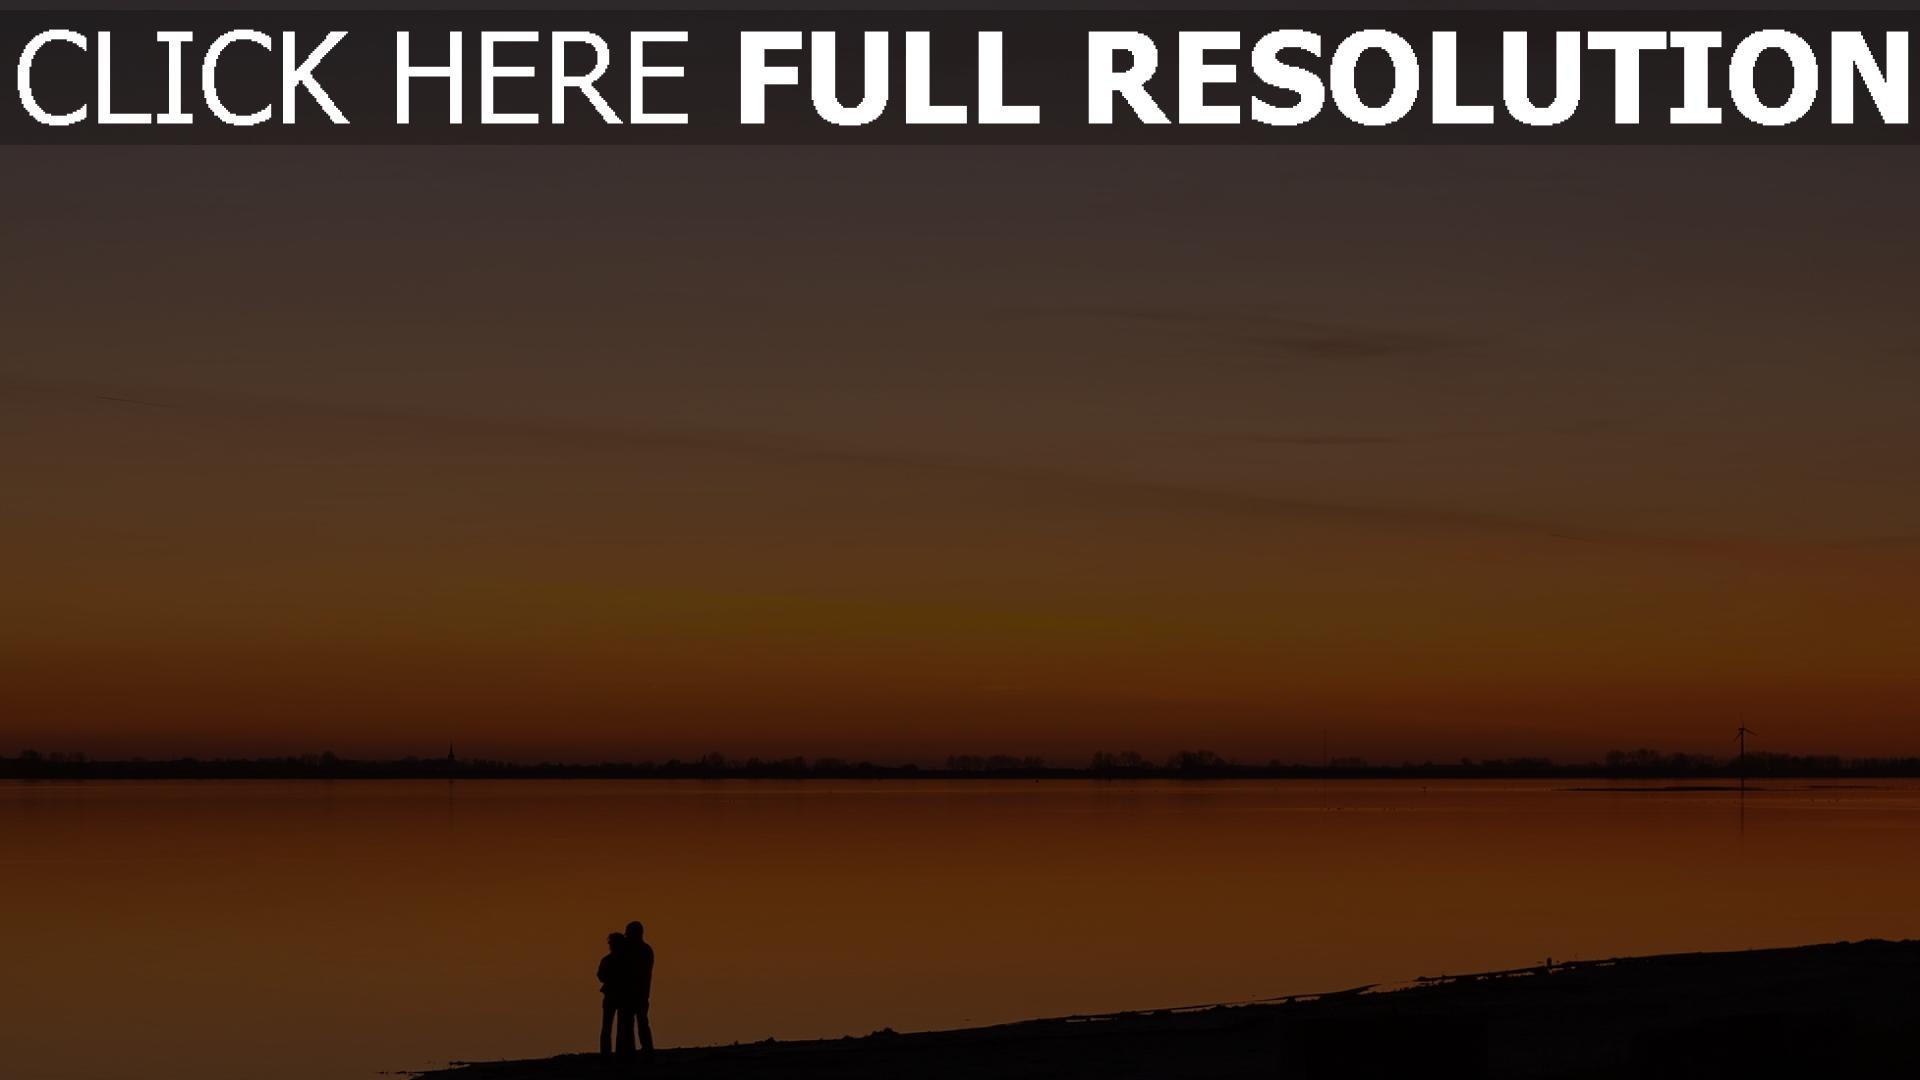 hd hintergrundbilder paar sonnenuntergang fluss strand romantik 1920x1080